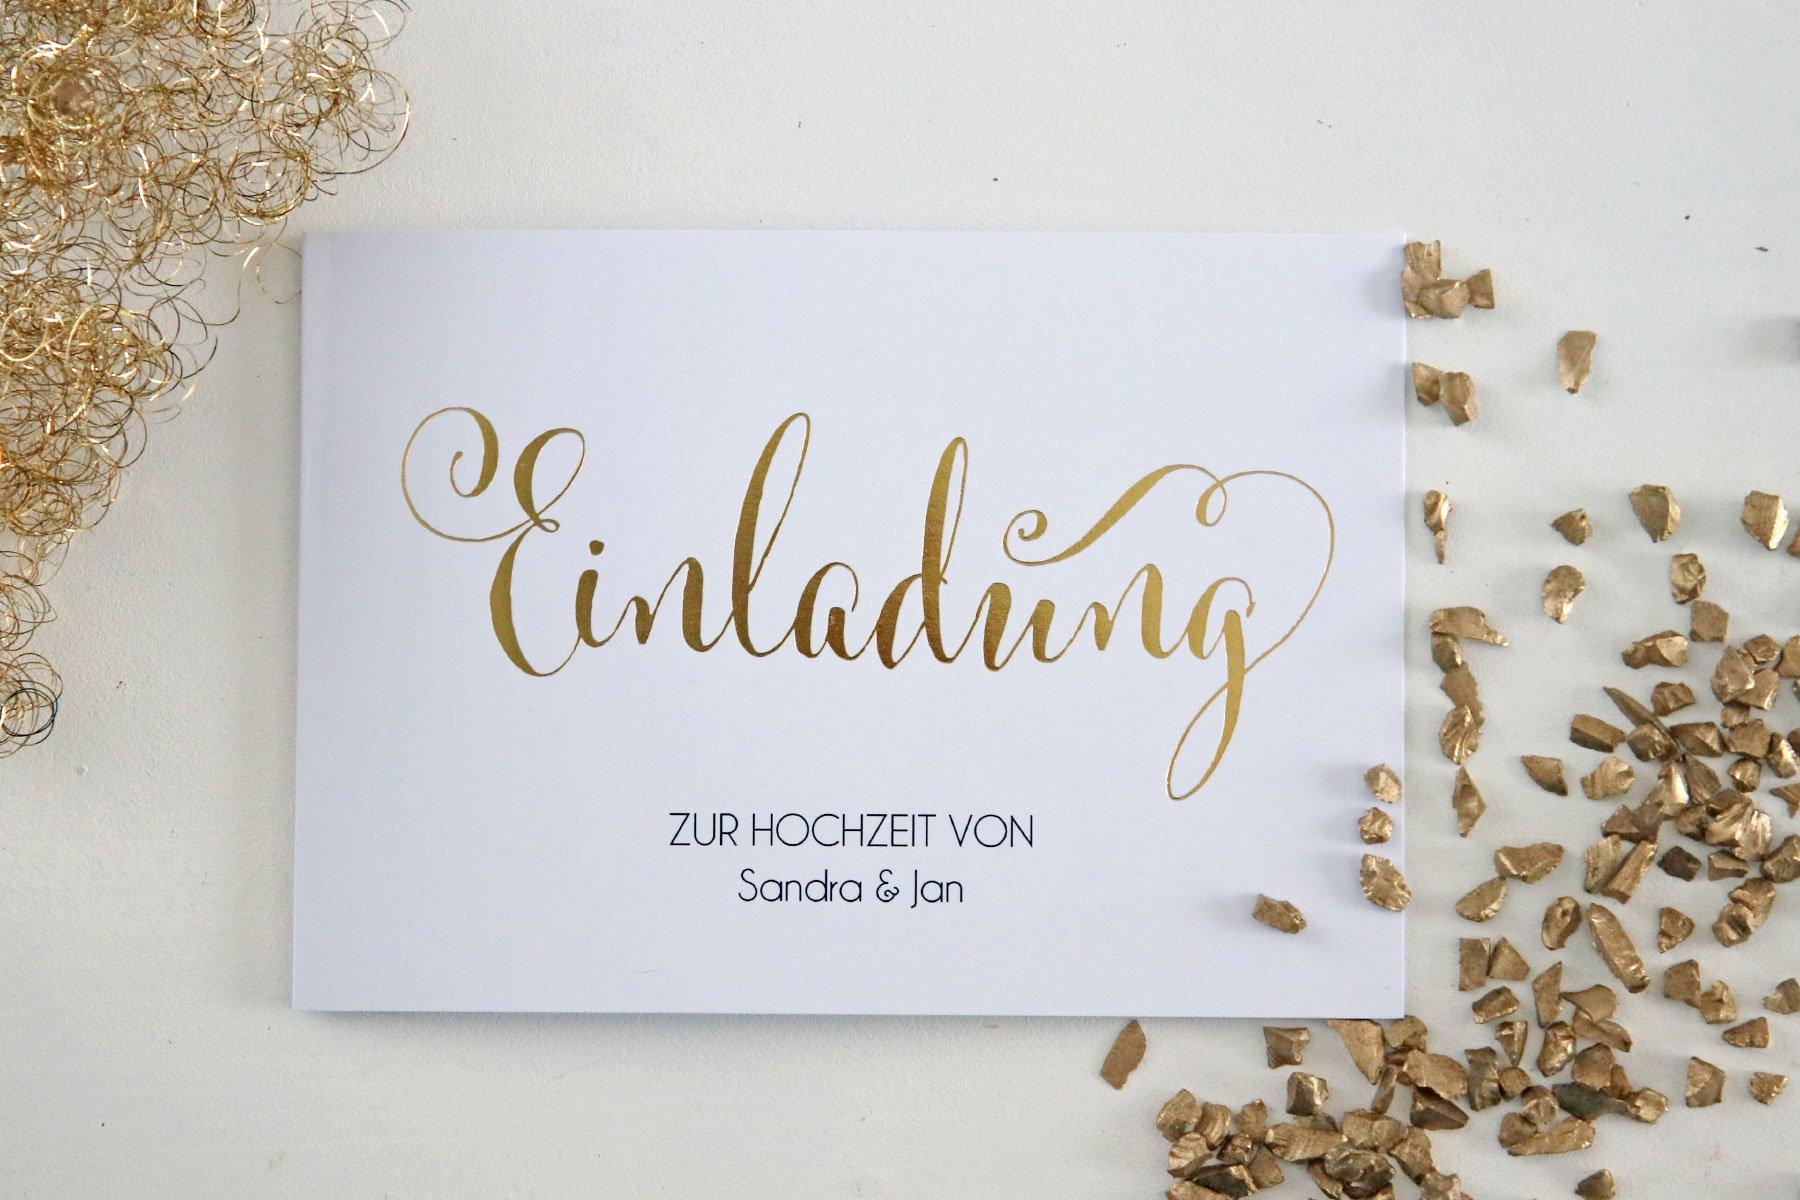 Hochzeitseinladung Für immer Premium von der kartenmacherei